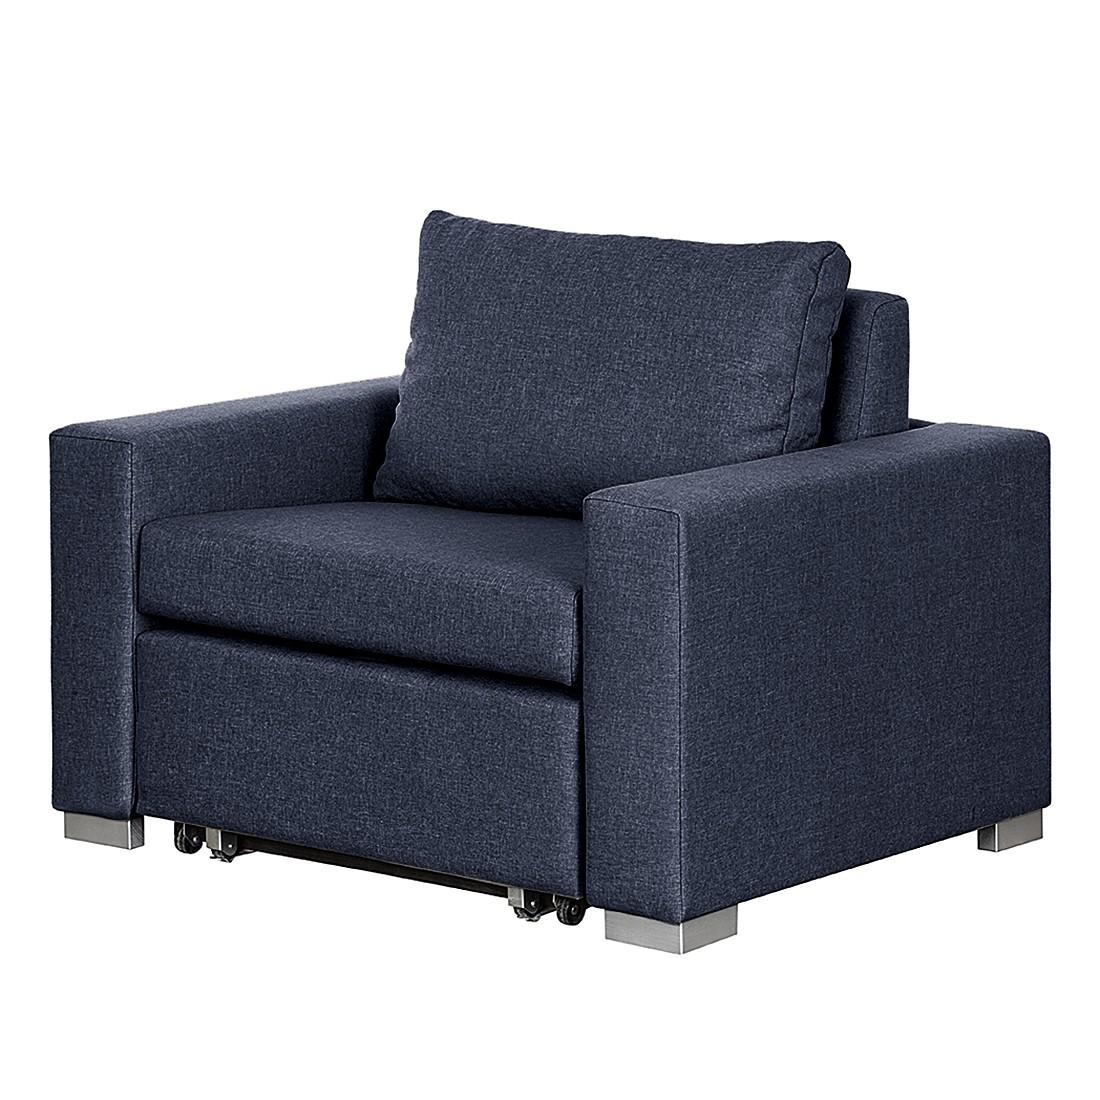 home24 mooved Schlafsessel Latina IV Blau Webstoff mit Schlaffunktion/Bettkasten 110x90x90 cm (BxHxT)